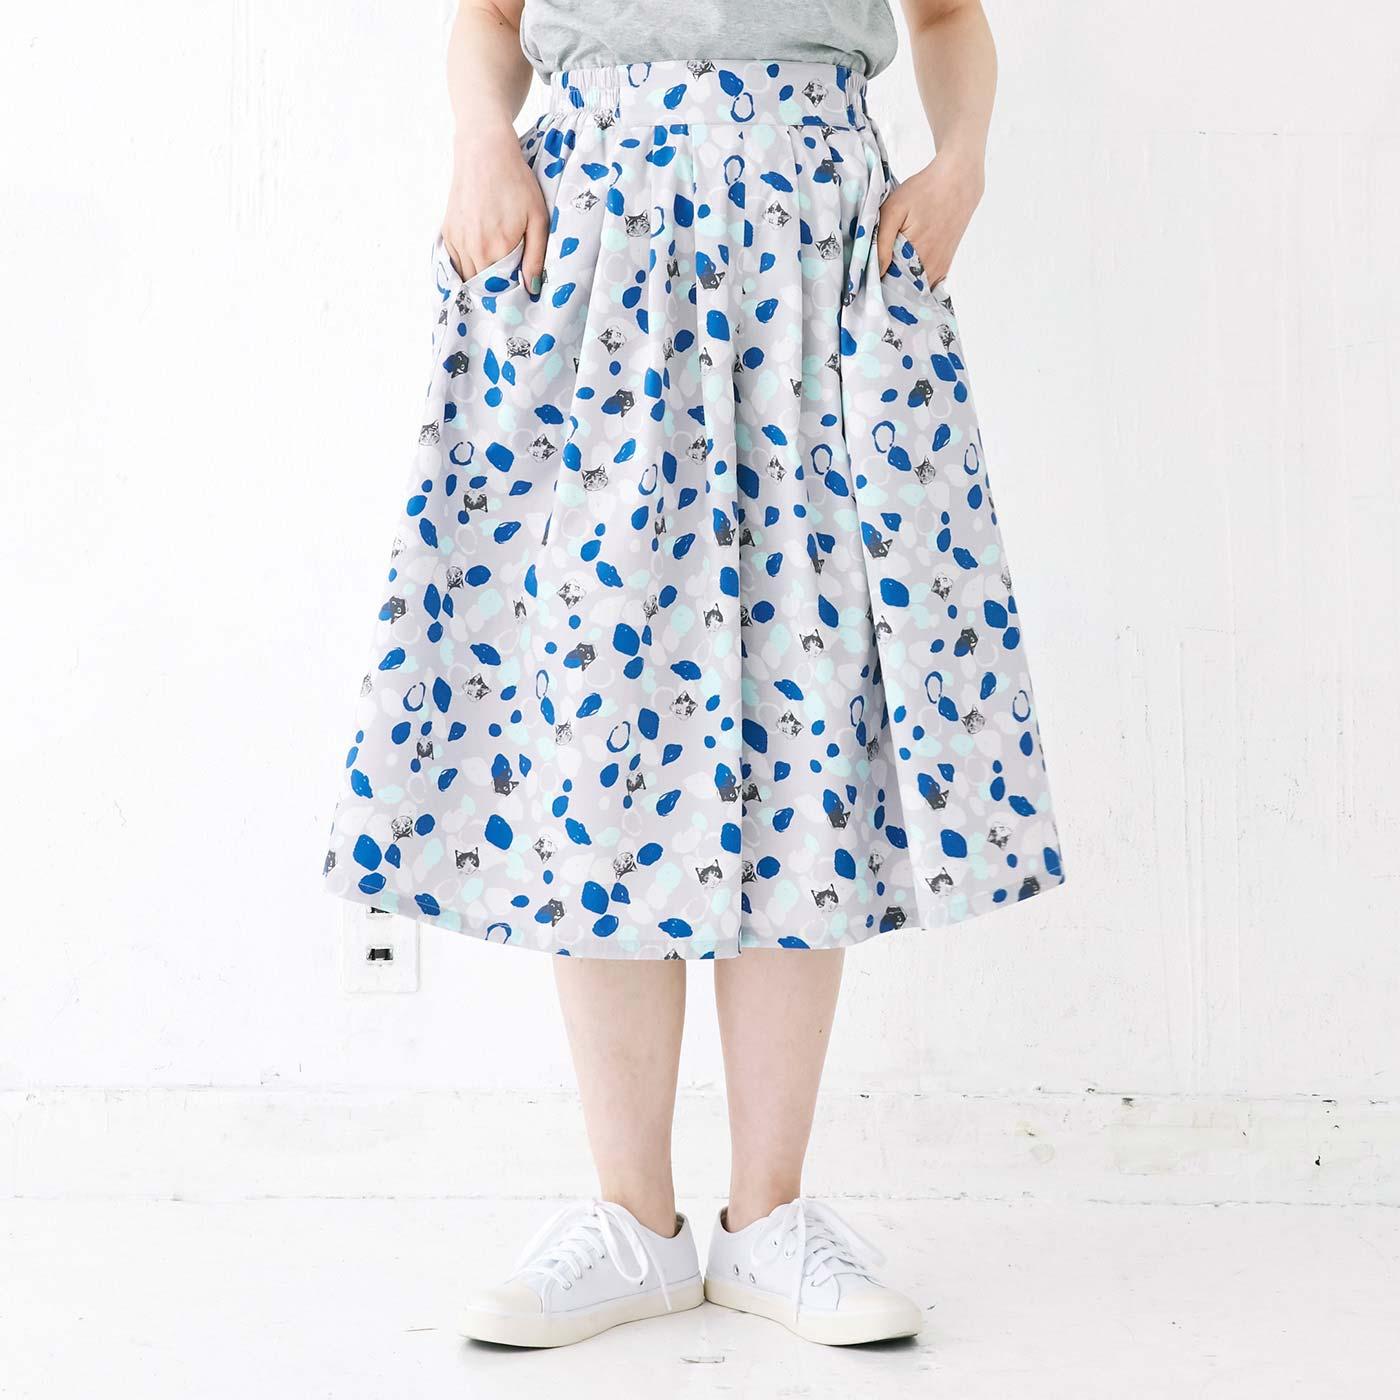 ふんわりスカートのようなシルエット。